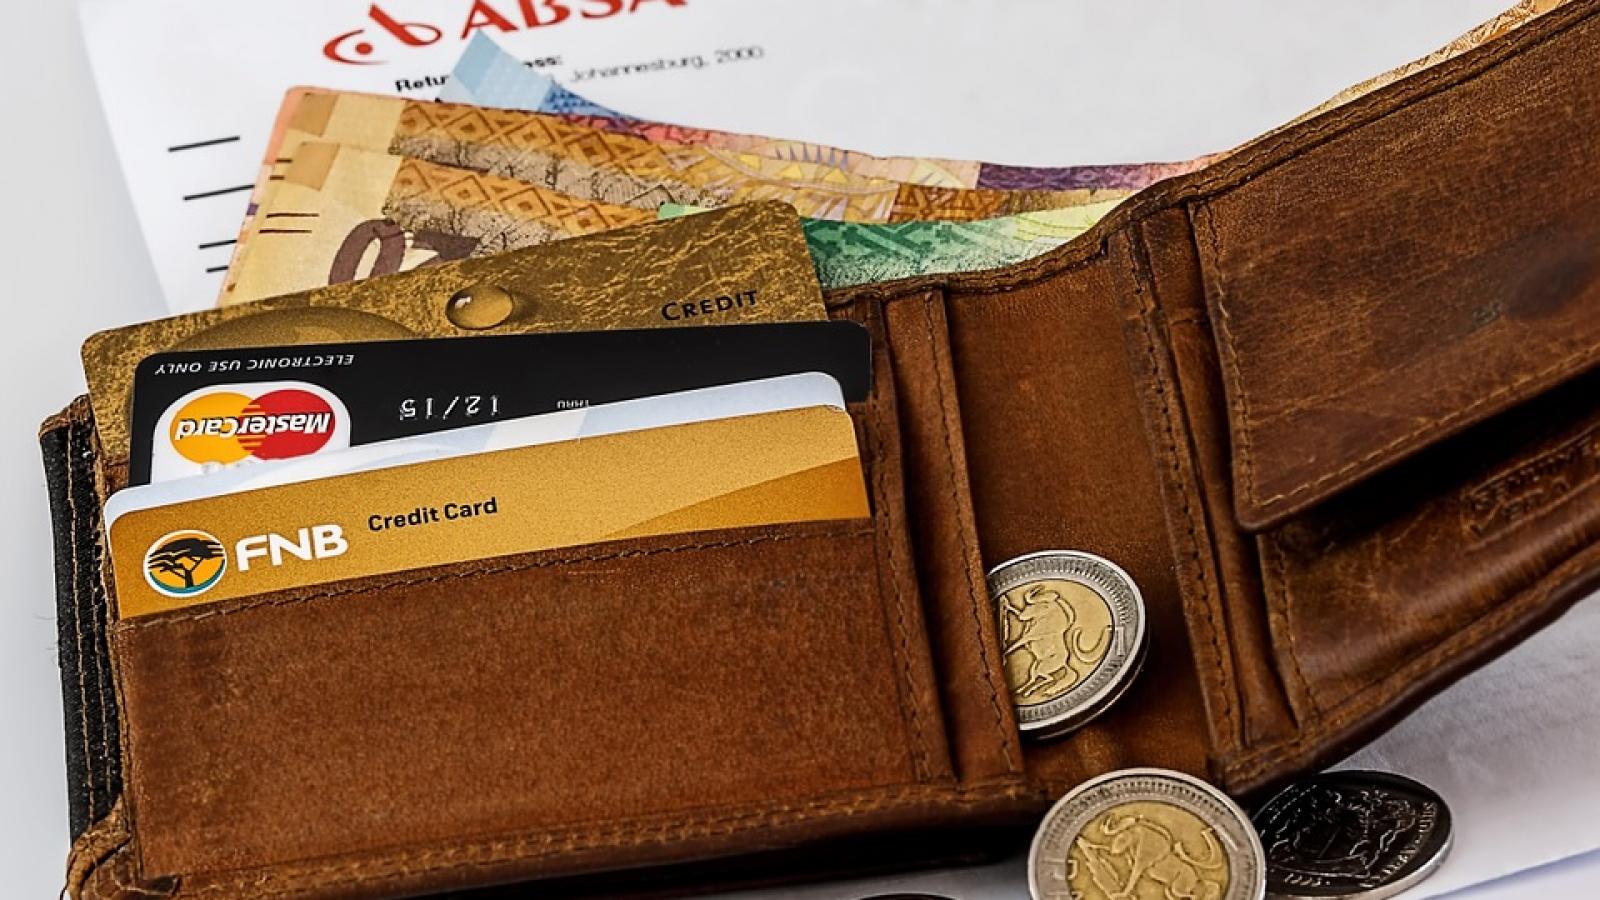 closing costs - wallet